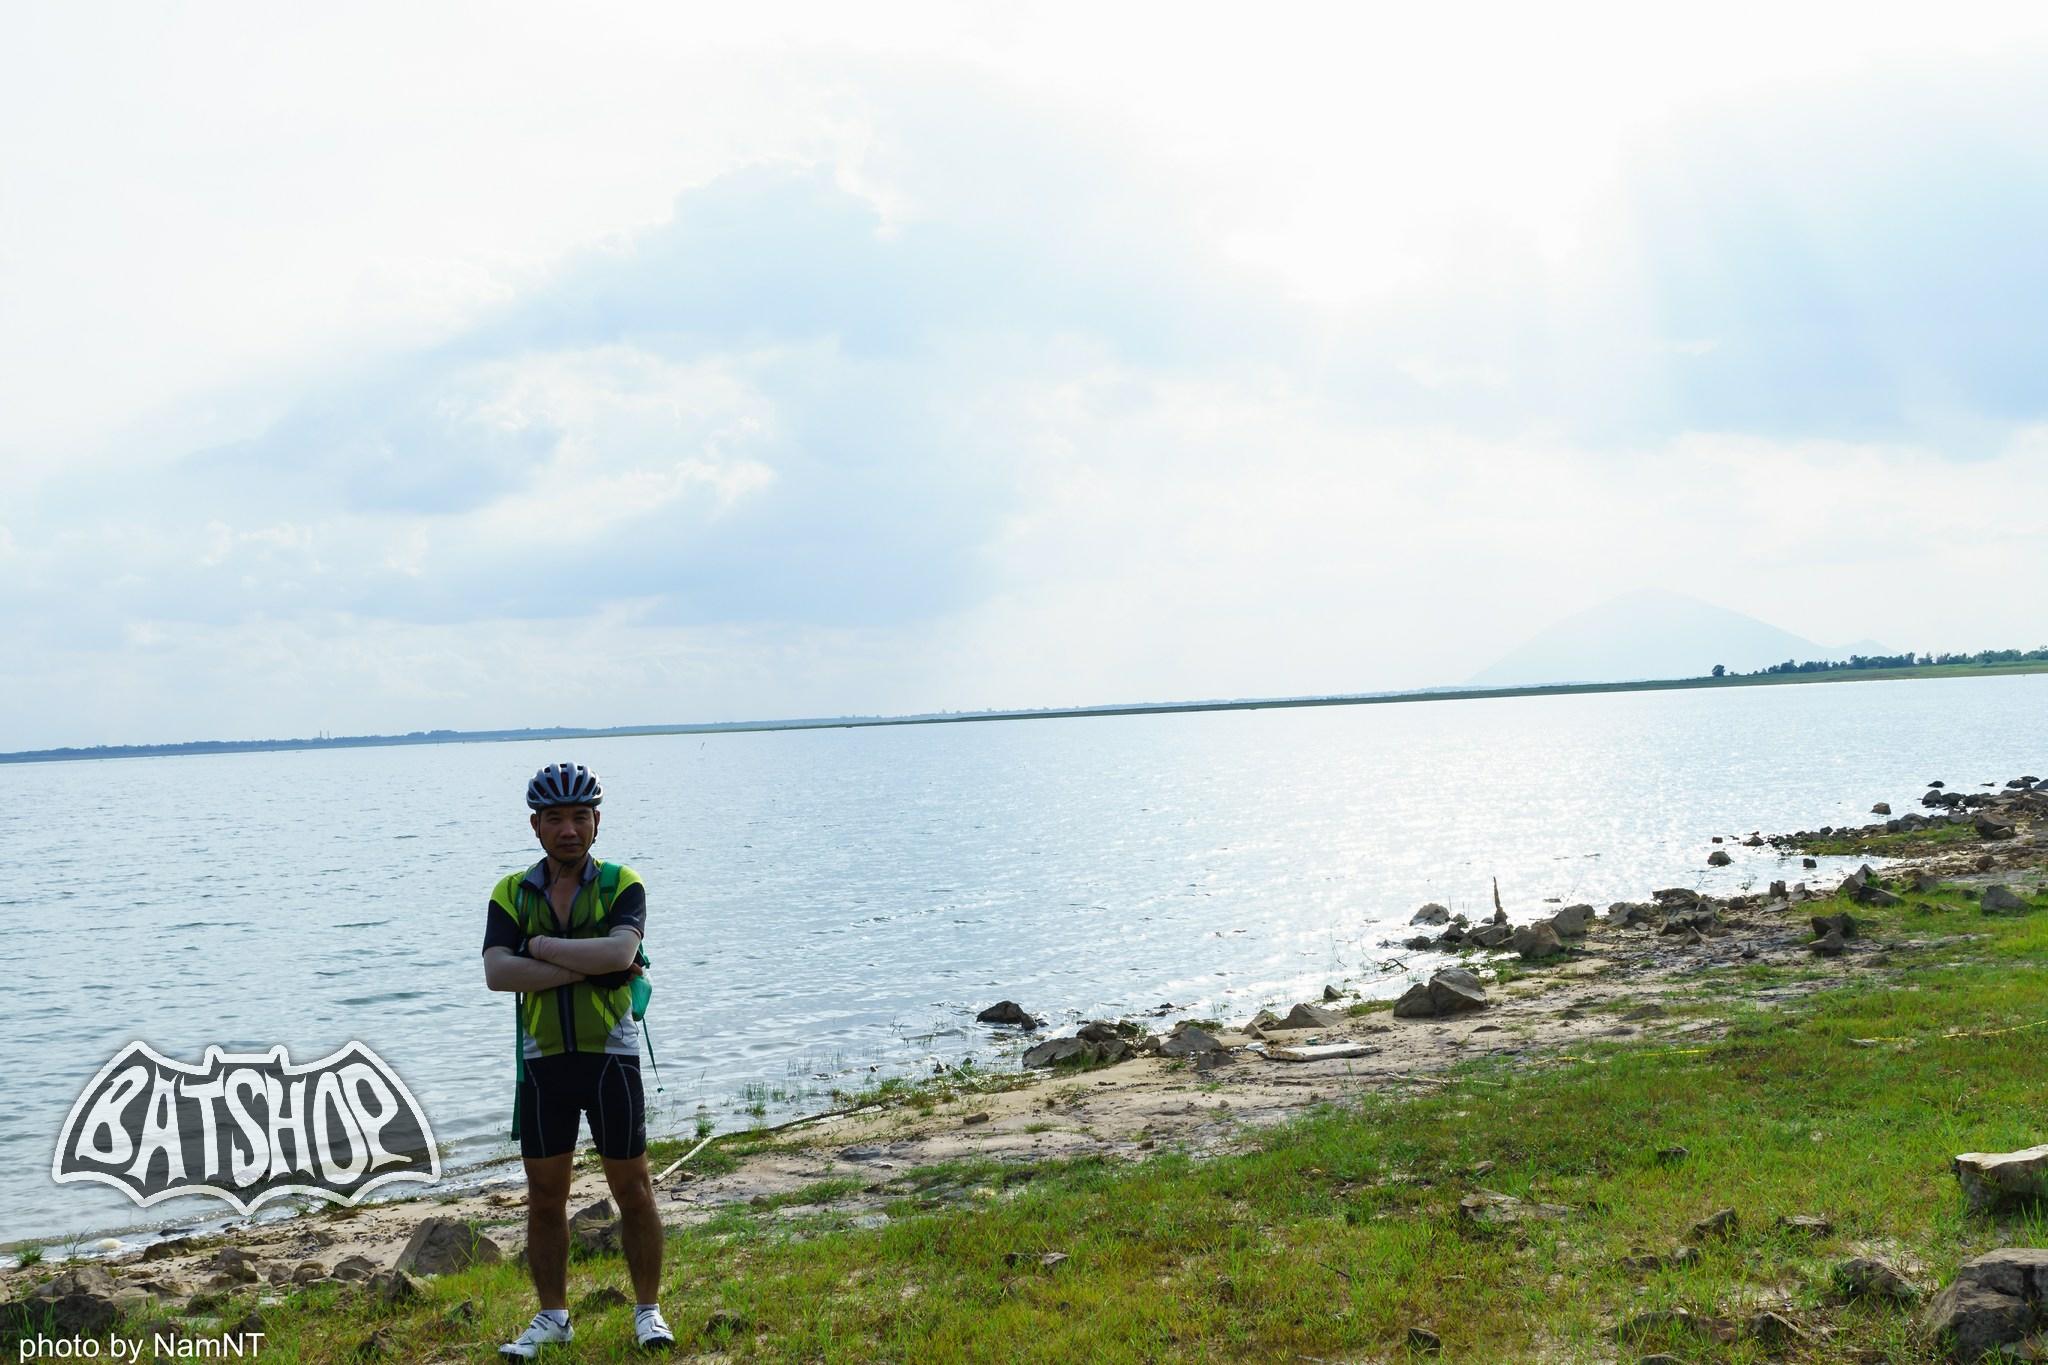 20637959312 22be74a835 k - Hồ Cần Nôm-Dầu Tiếng chuyến đạp xe, băng rừng, leo núi, tắm hồ, mần gà